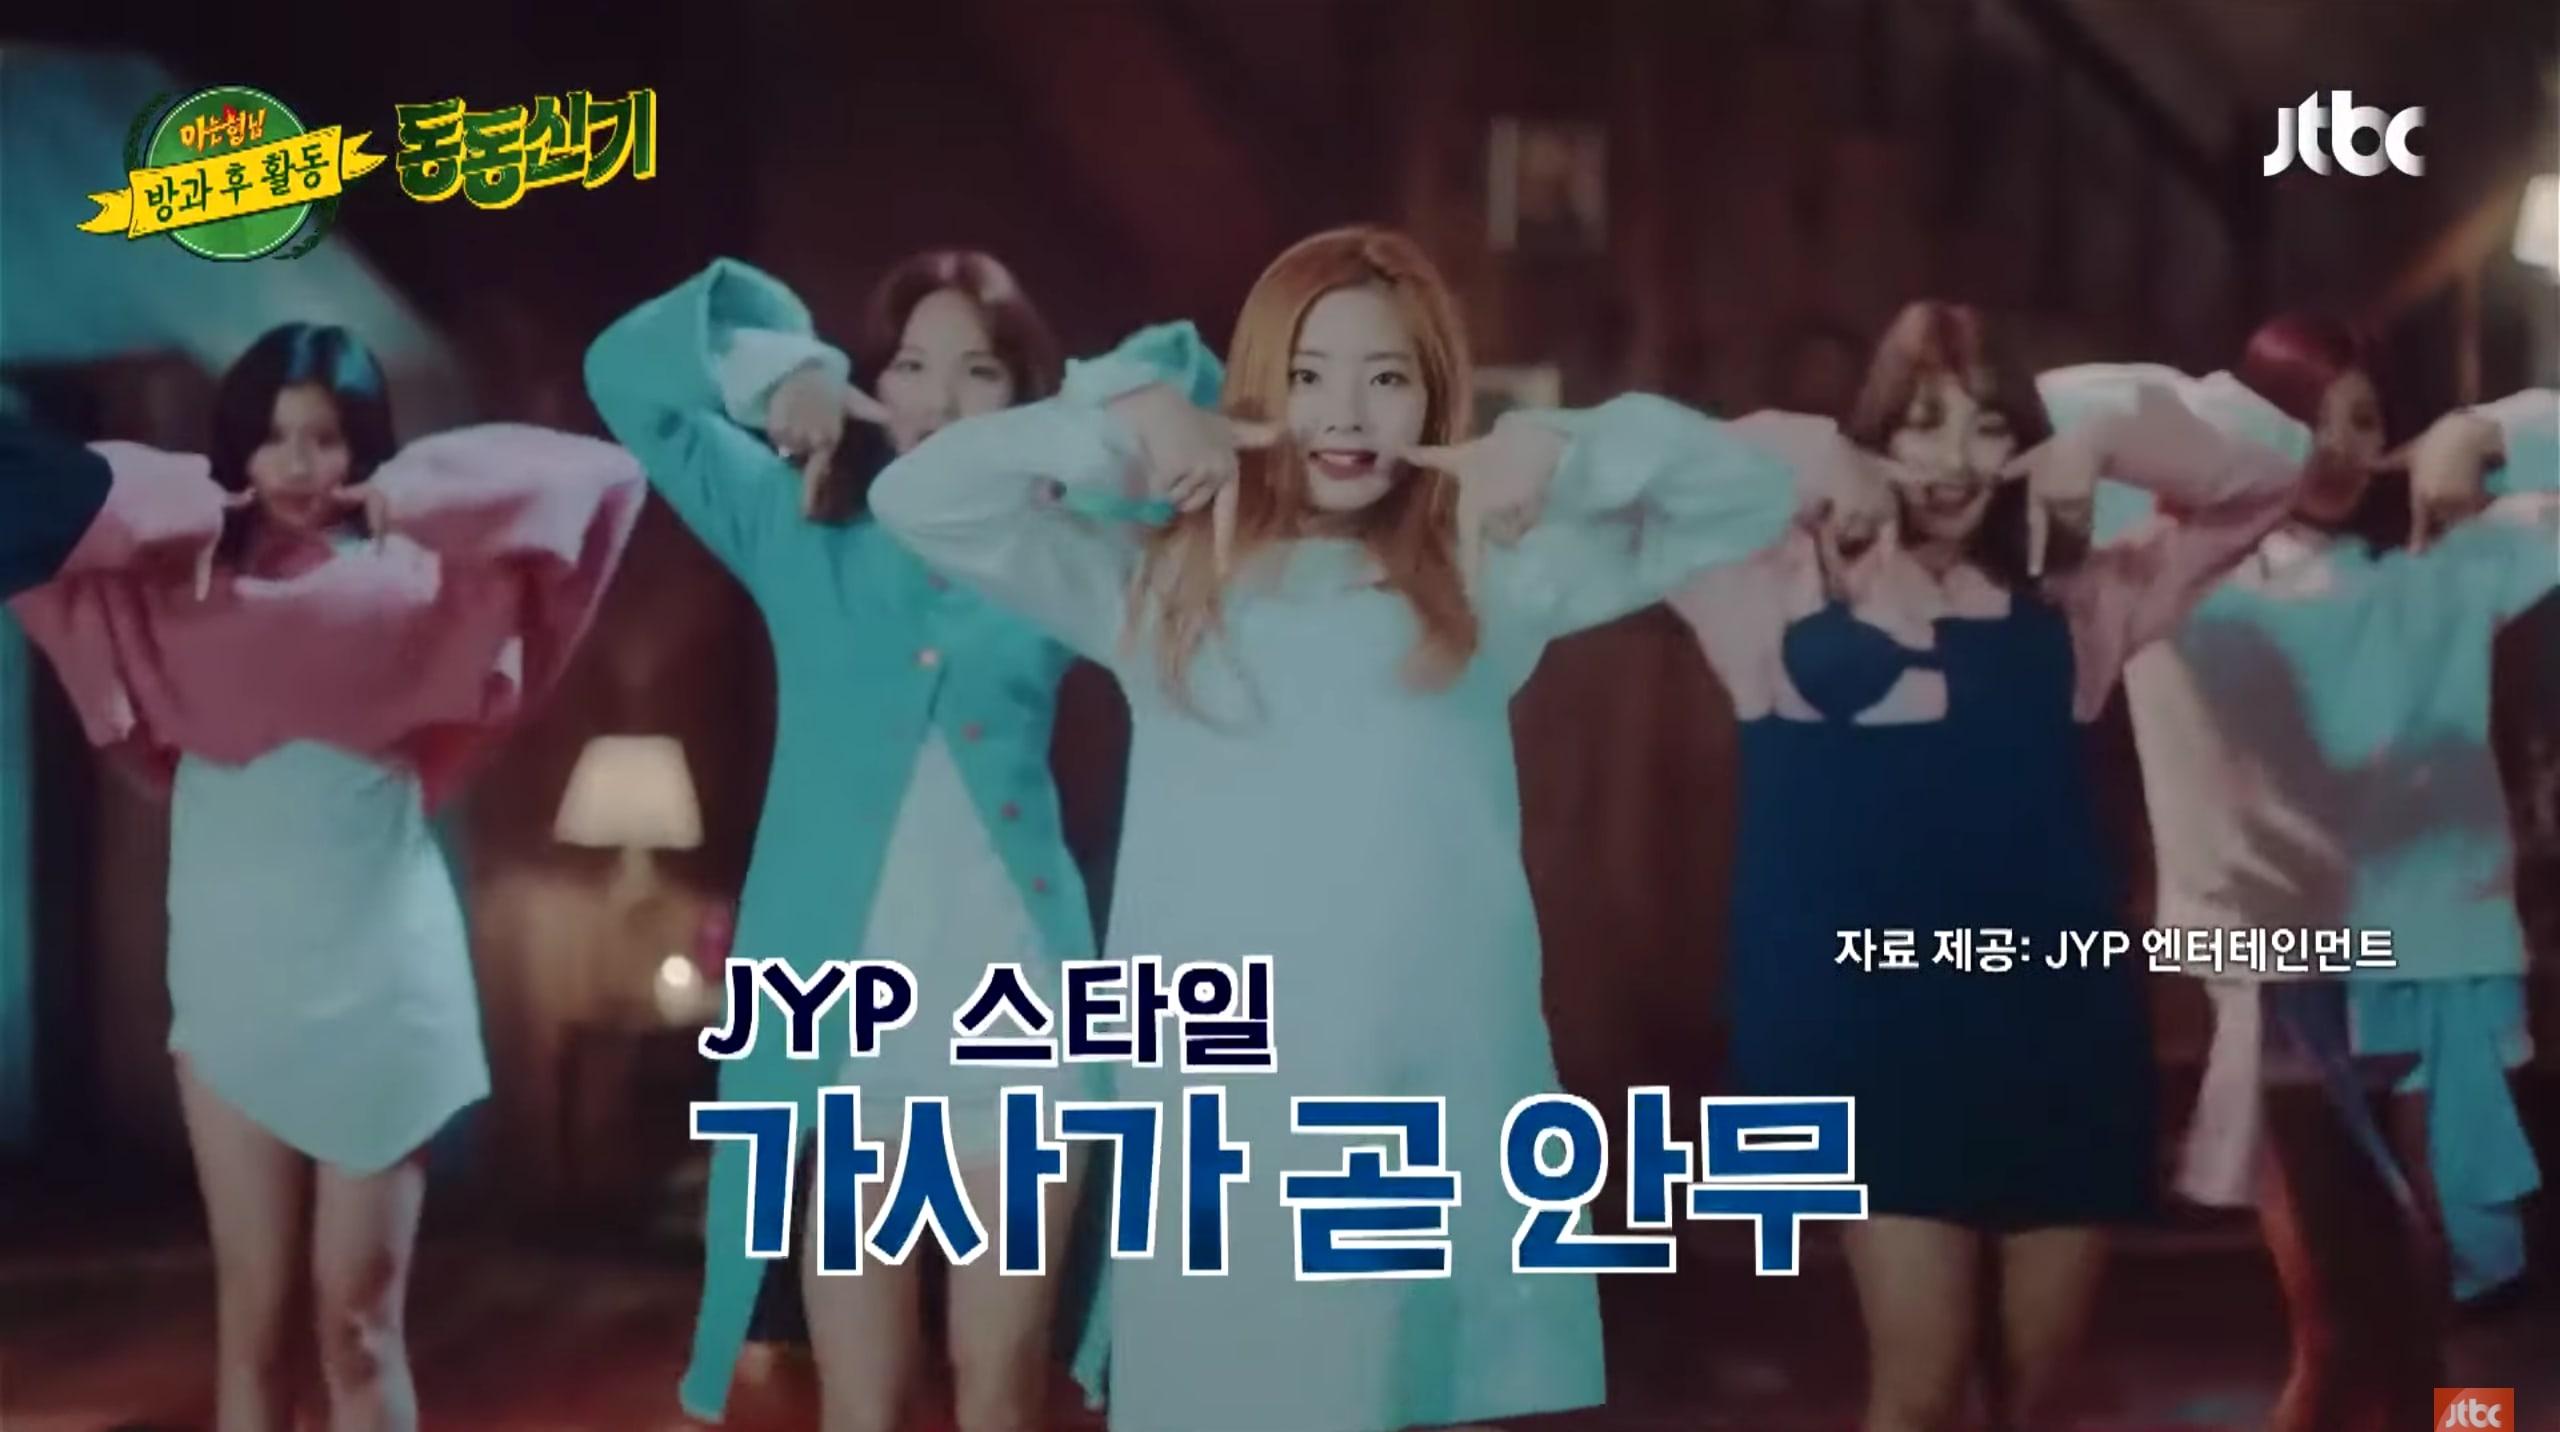 kang-ho-dong-shindong-dance-my-house-taught-2pm-wooyoung-stray-kids-bang-chan-6